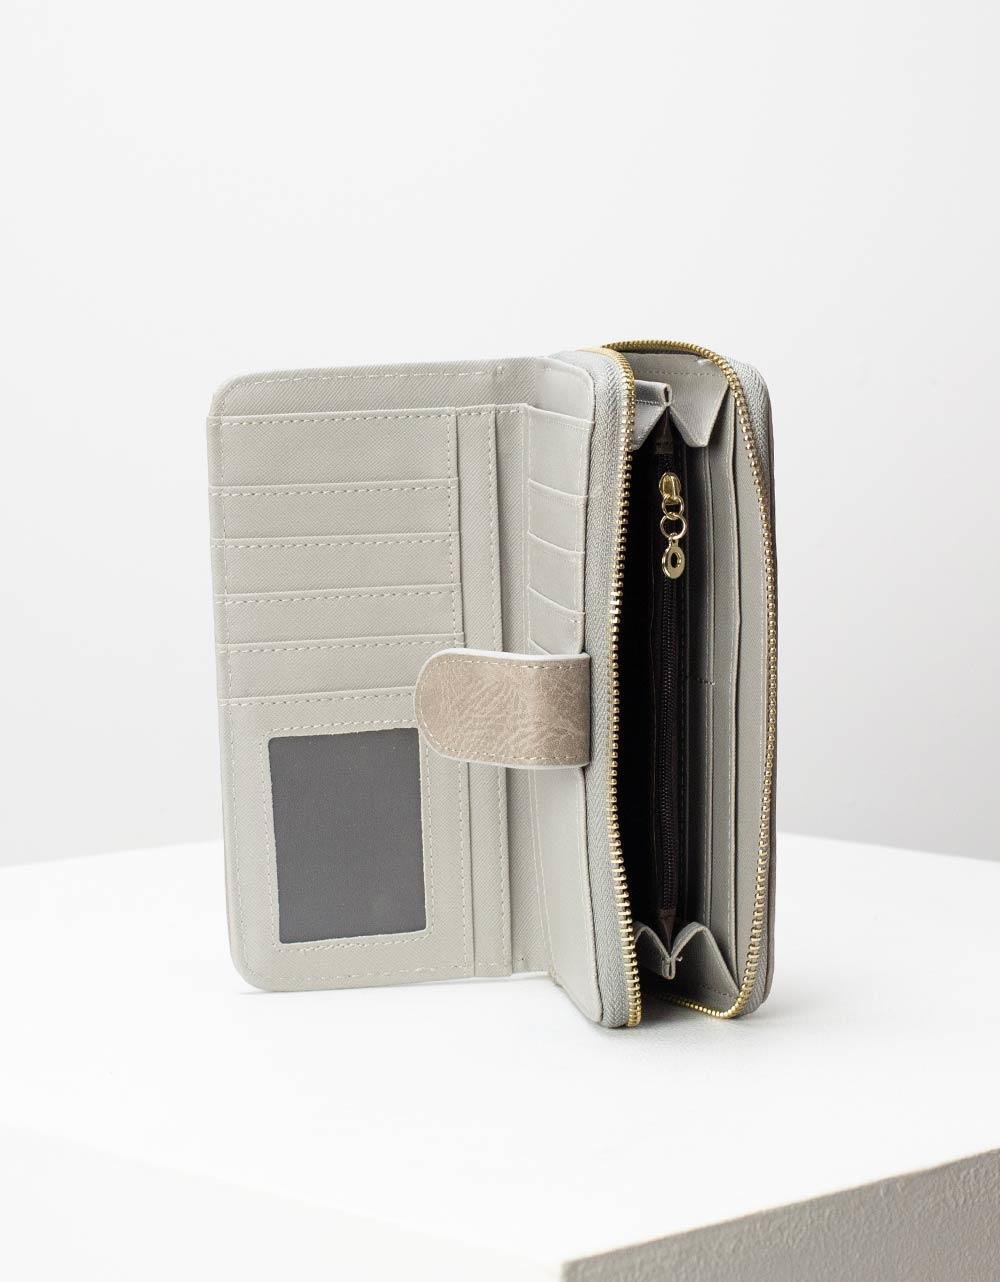 Εικόνα από Γυναικεία πορτοφόλια με κλίπ Γκρι